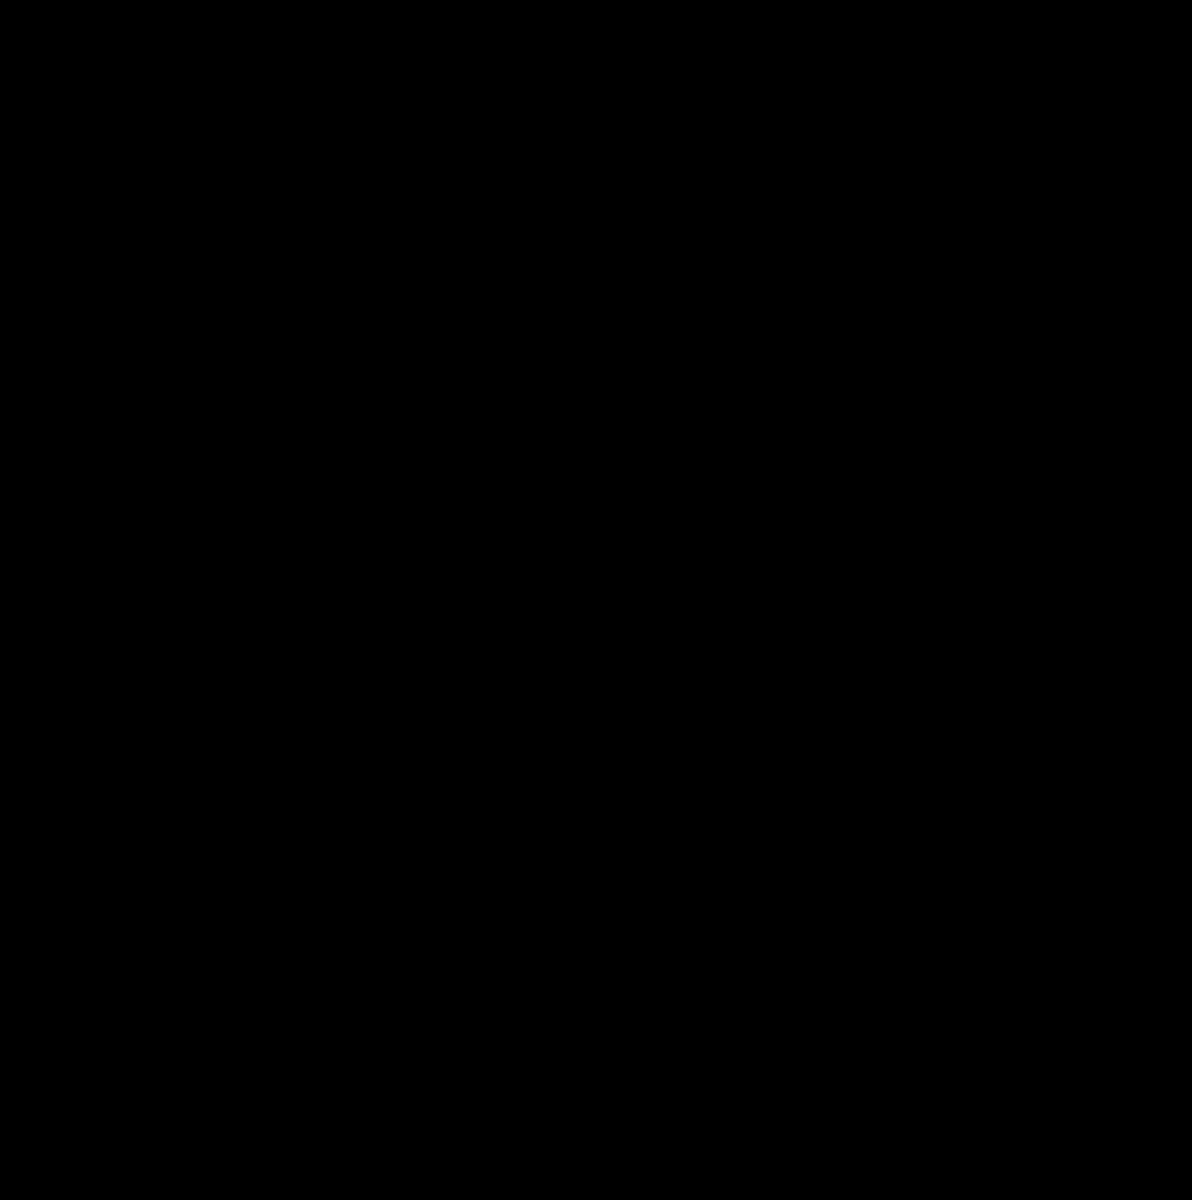 LAB-ProjetFuxico-ValorisationArtisanat